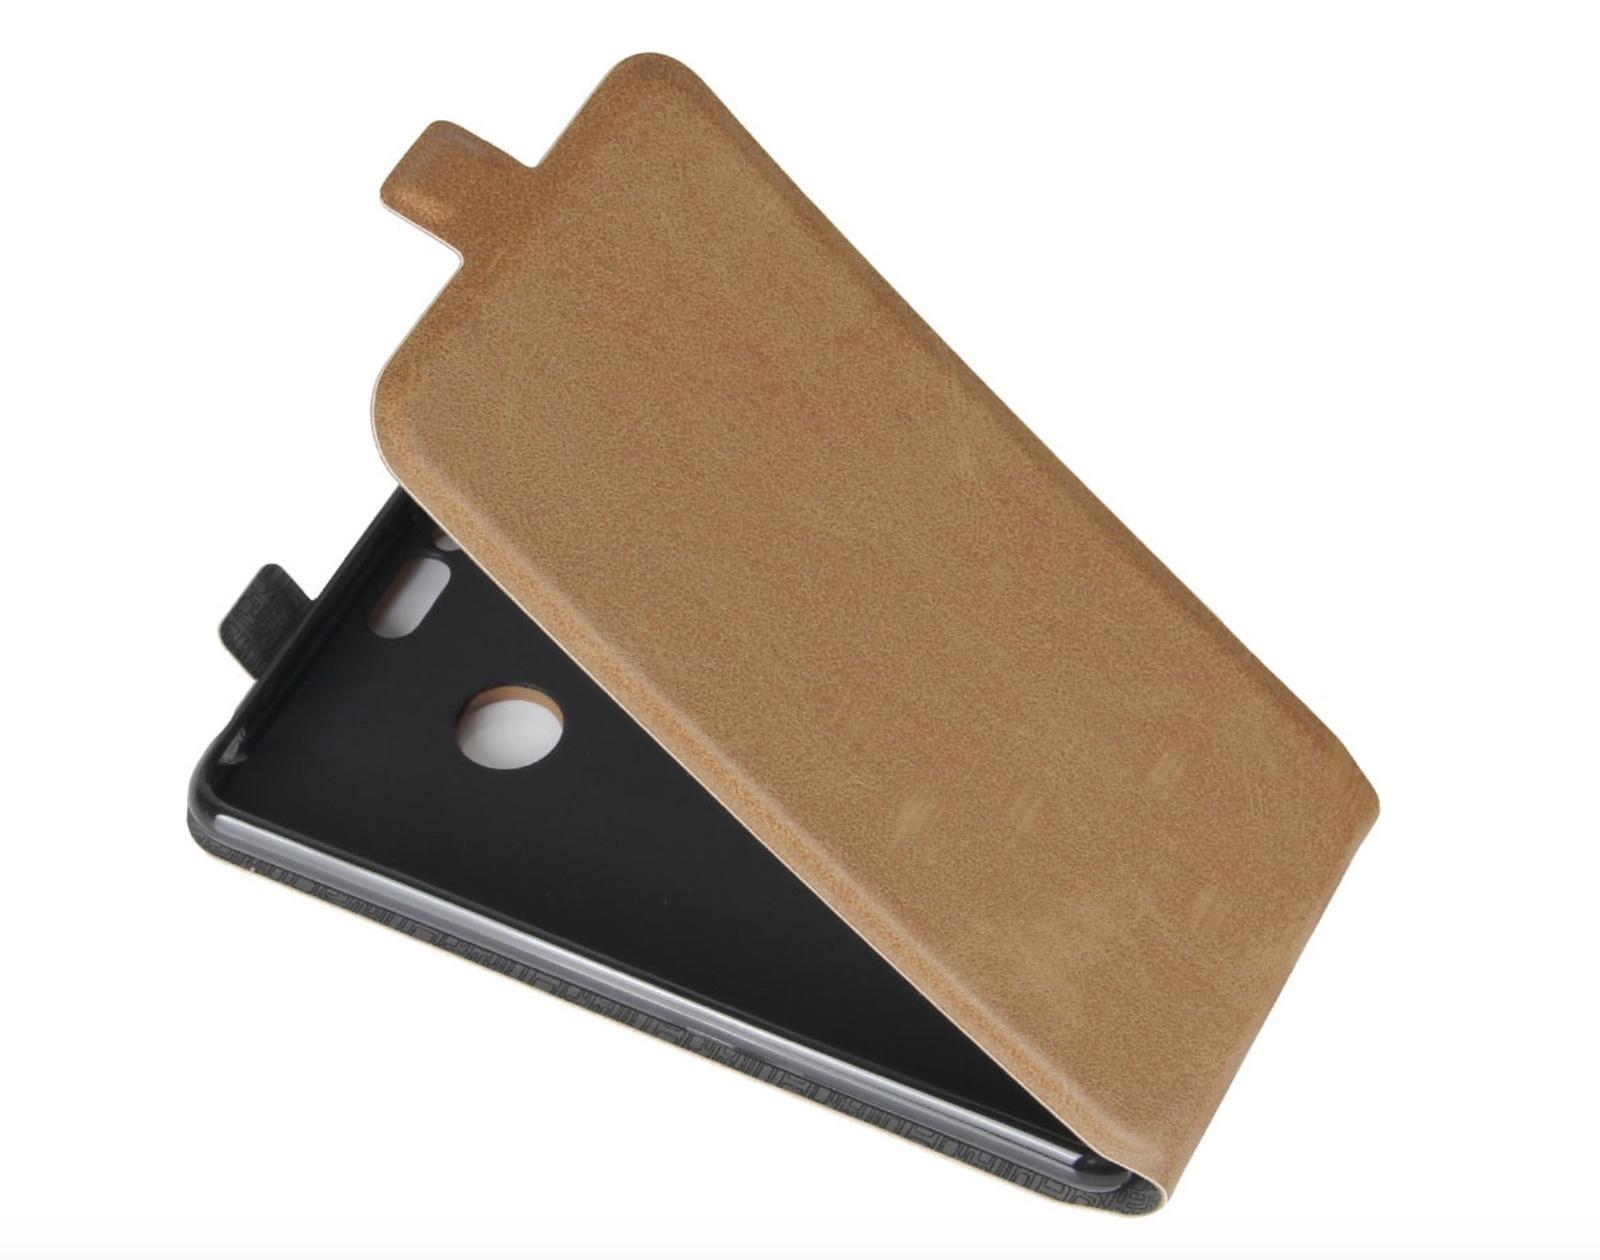 Чехол-флип MyPads для ZTE Blade L5 Plus / ZTE Blade L5 вертикальный откидной коричневый цена и фото